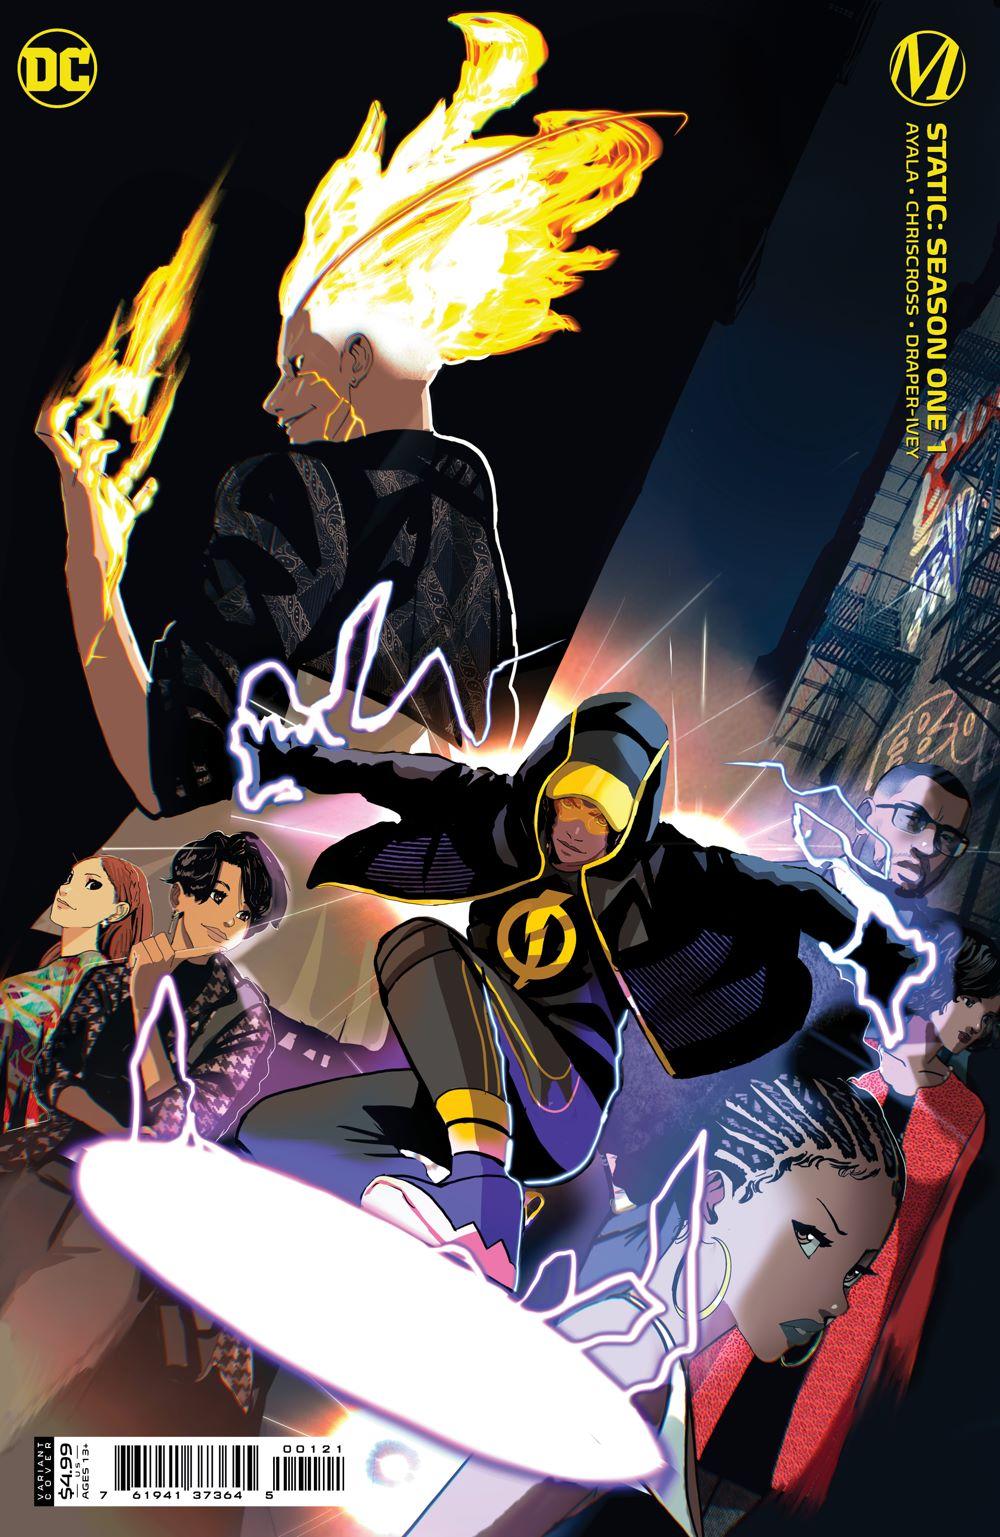 STATIC_Cv1_Var-copy DC Comics July 2021 Solicitations